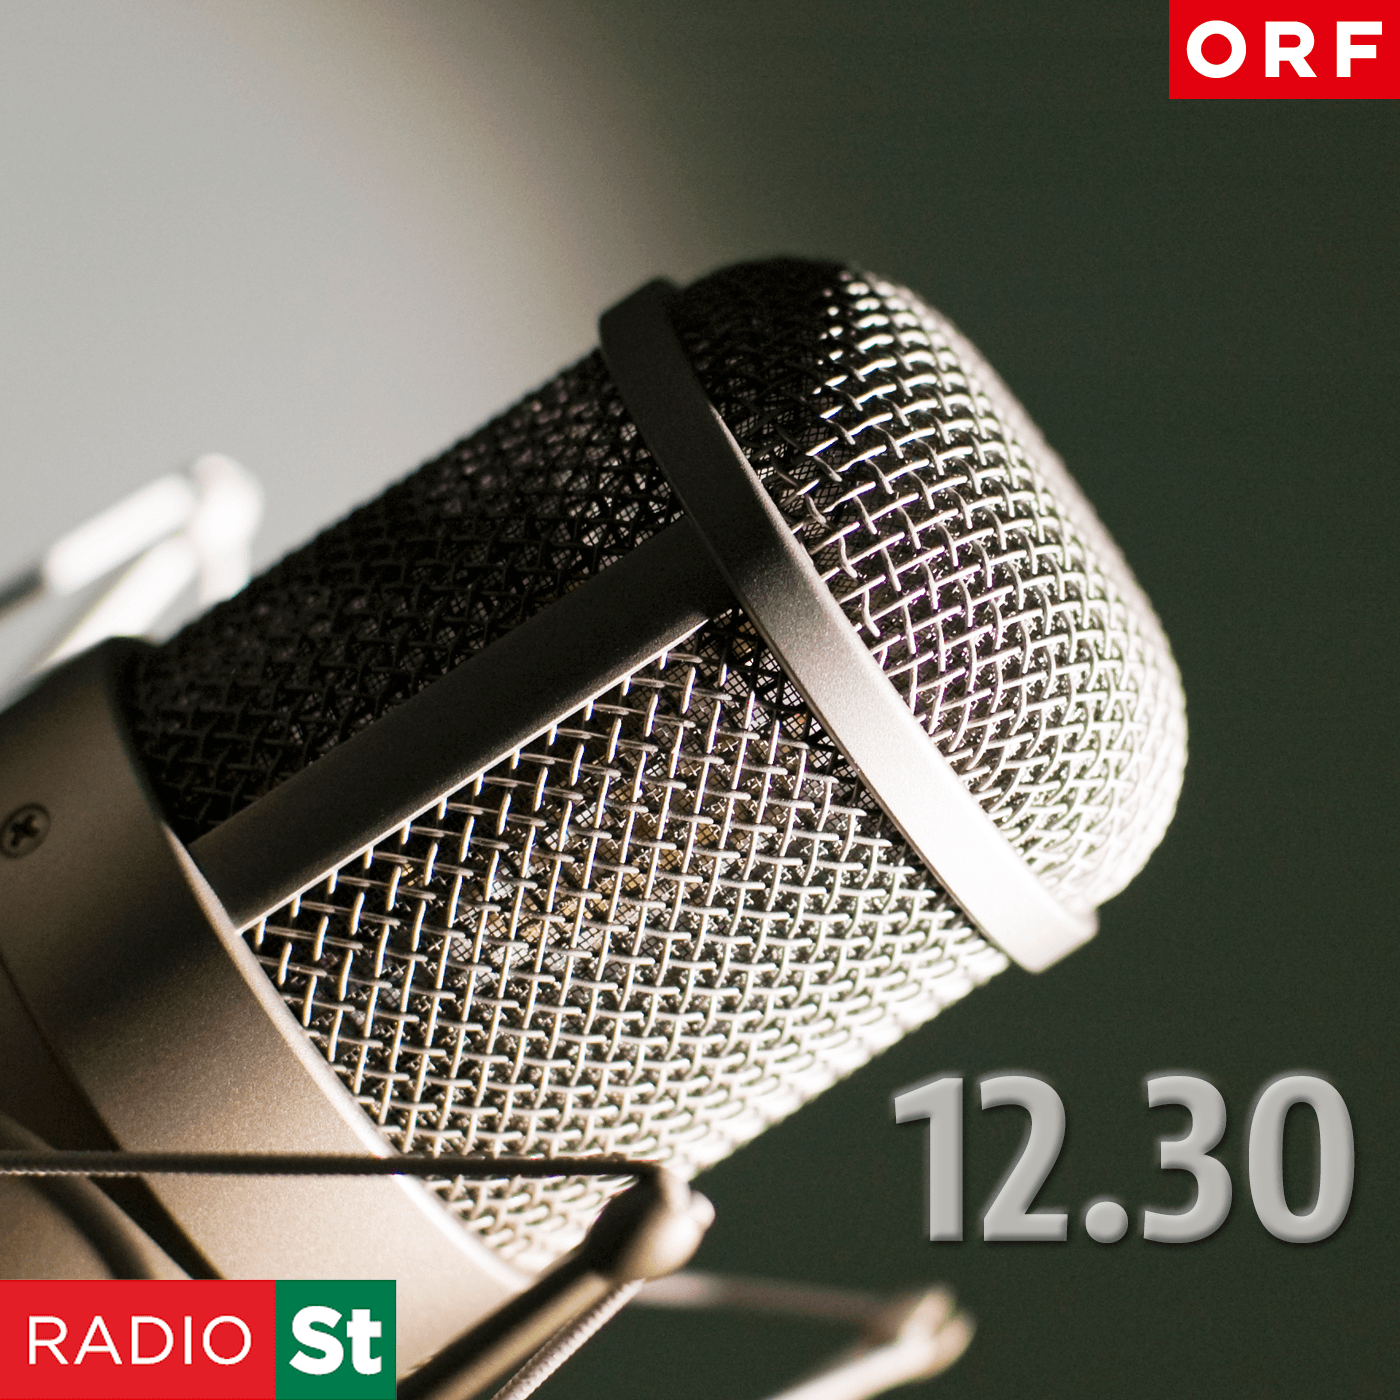 ORF Radio Steiermark - Journal um 12.30 Uhr